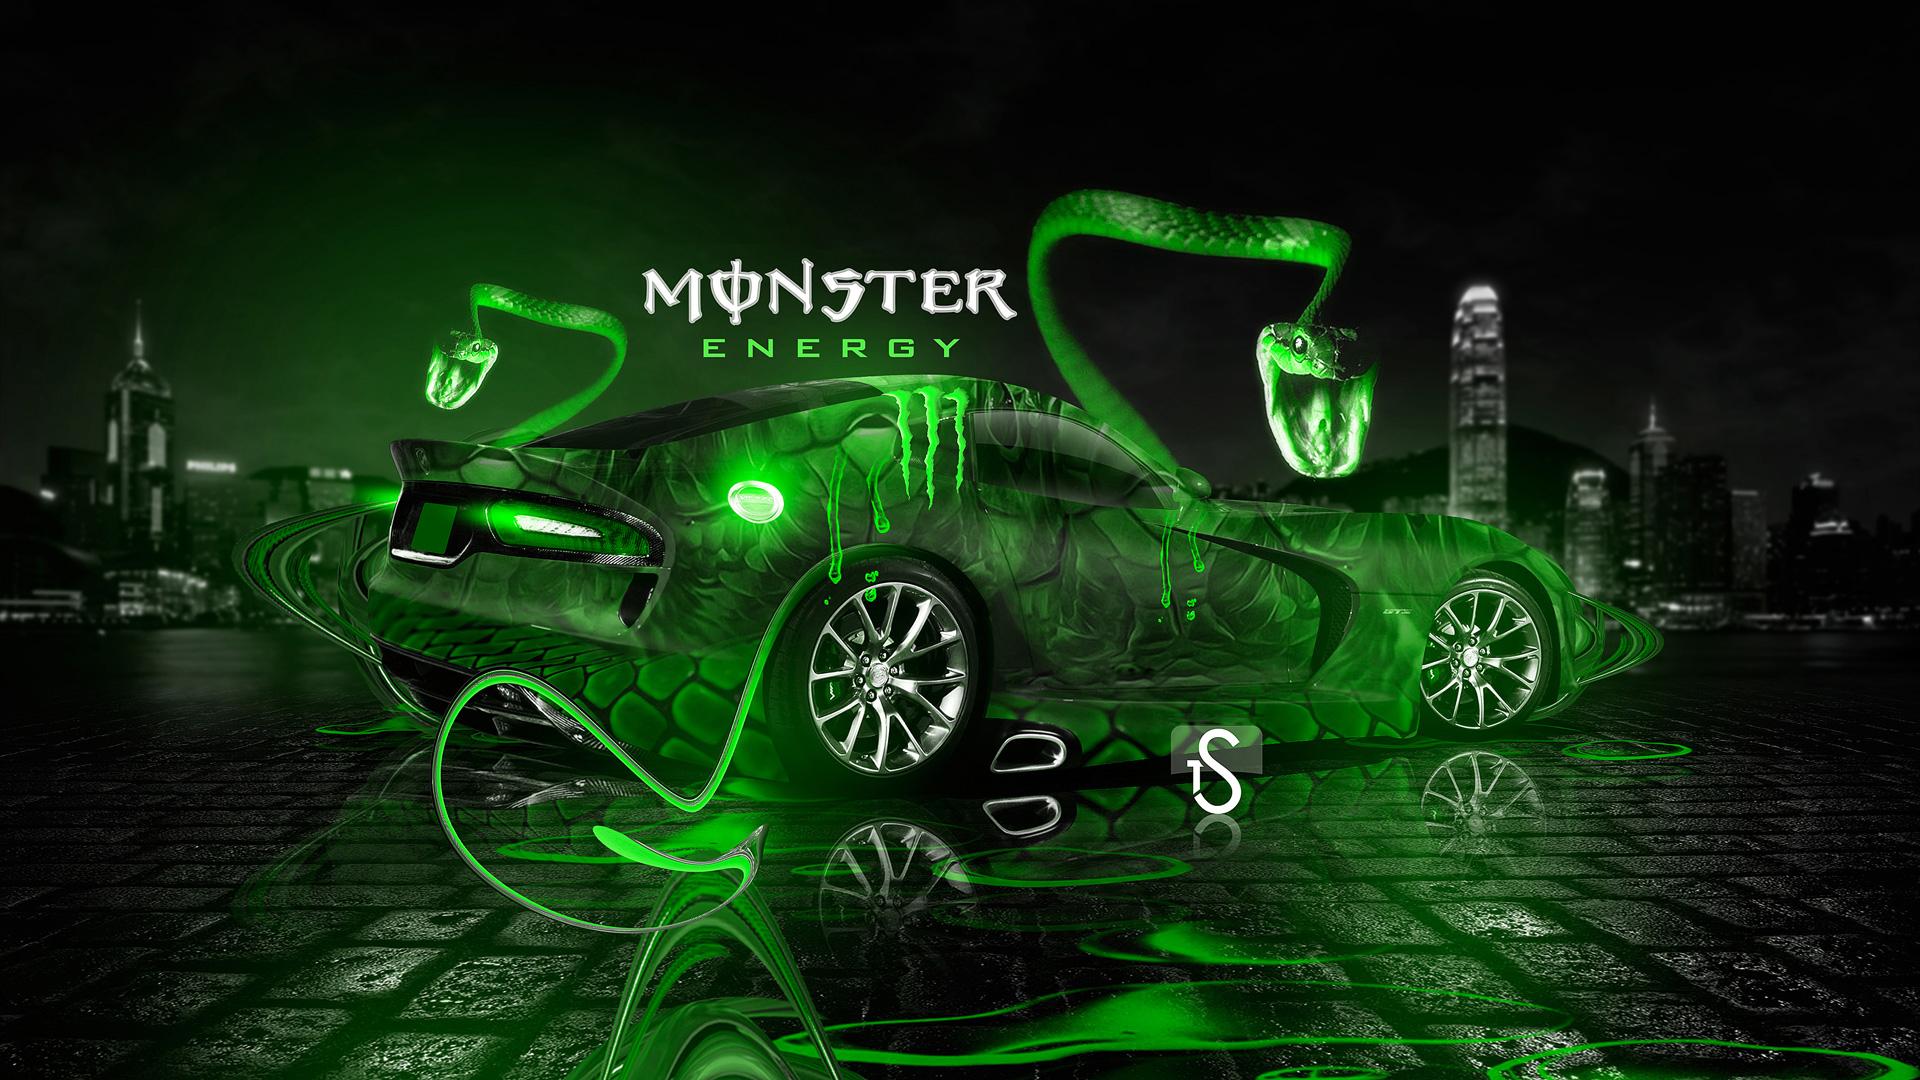 Monster Energy Wallpaper (54 Wallpapers)